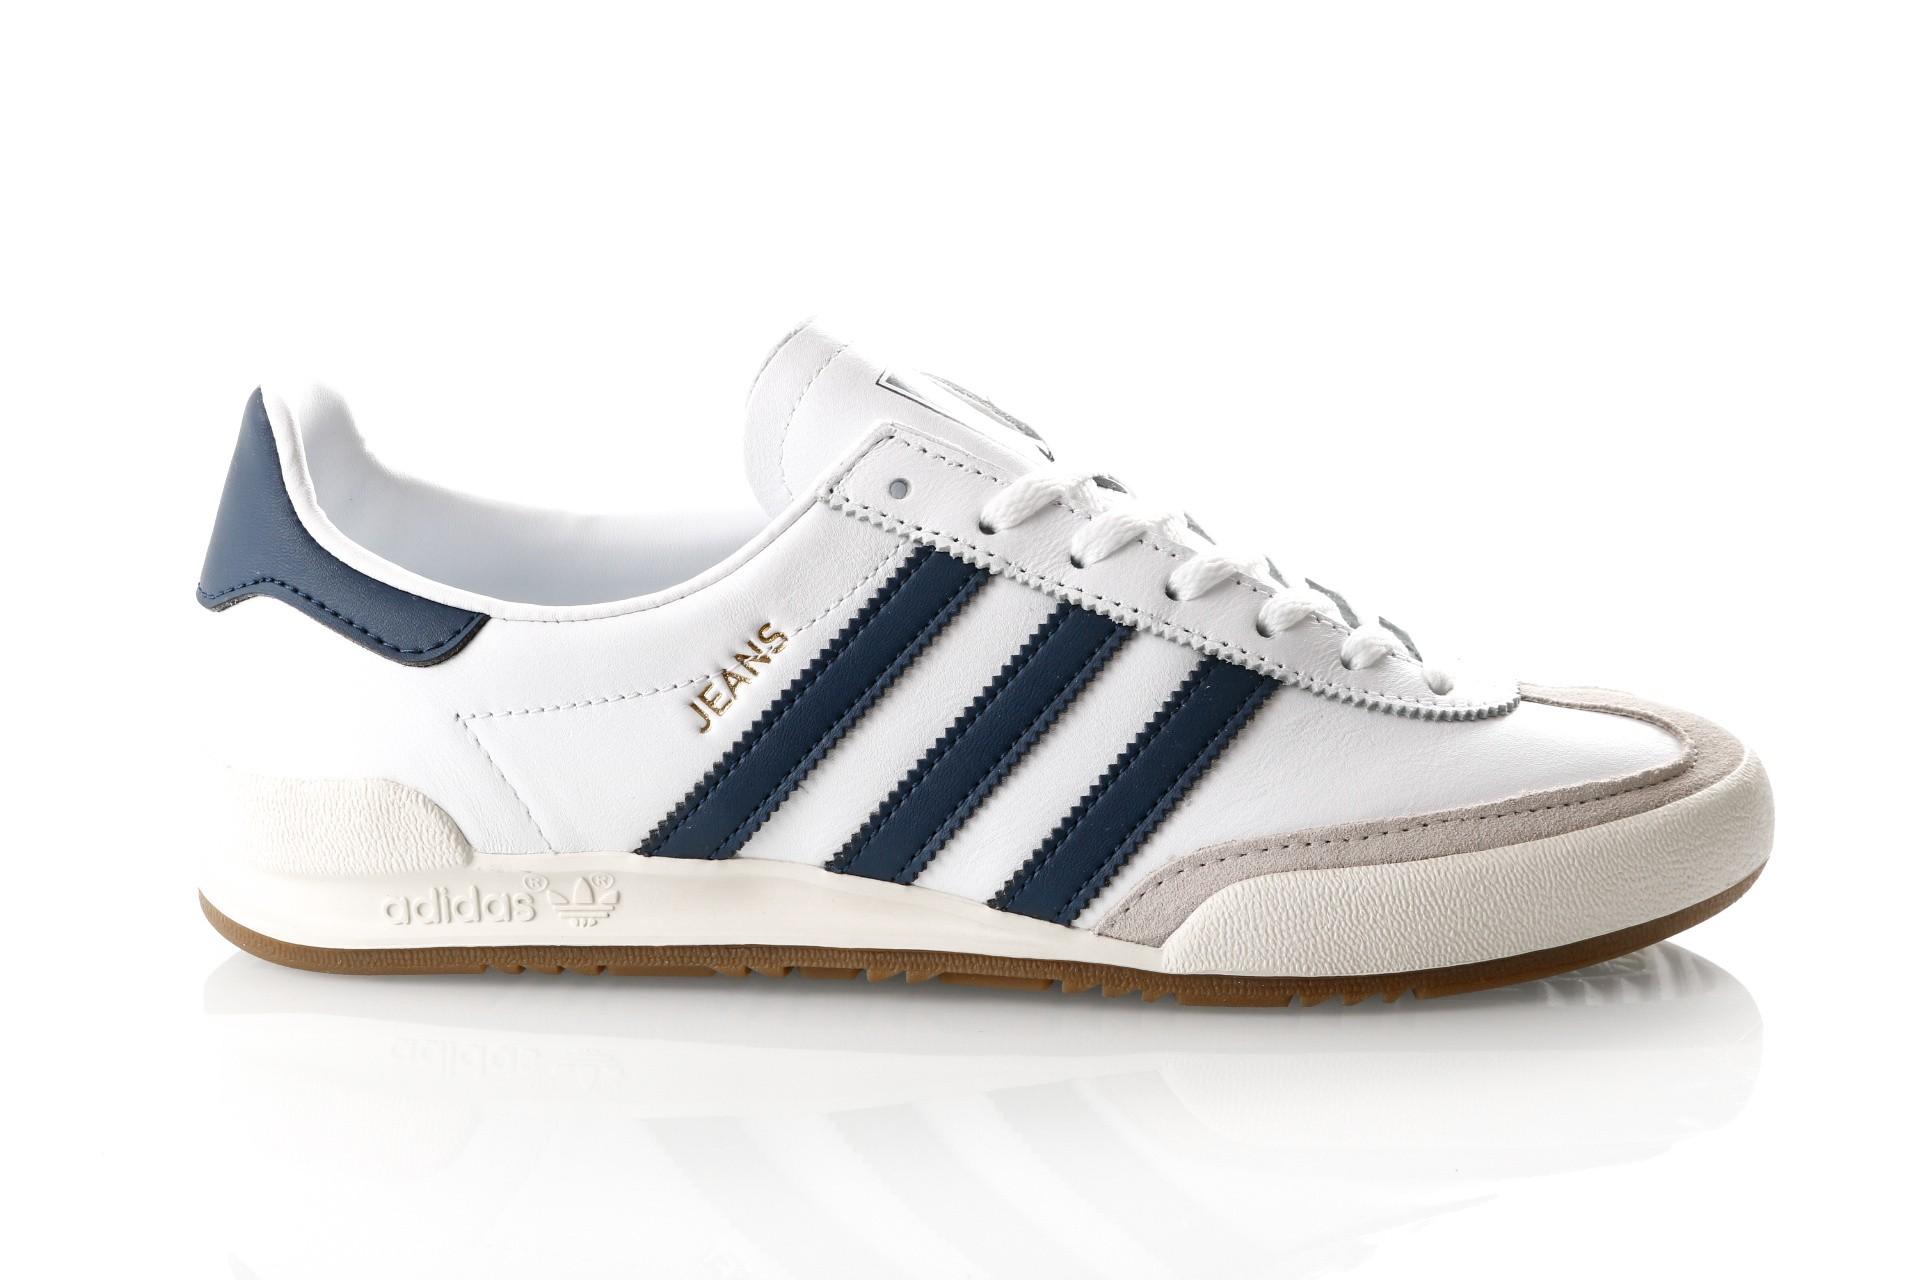 Foto van Adidas JEANS BD7683 Sneakers ftwr white/collegiate navy/clear brown